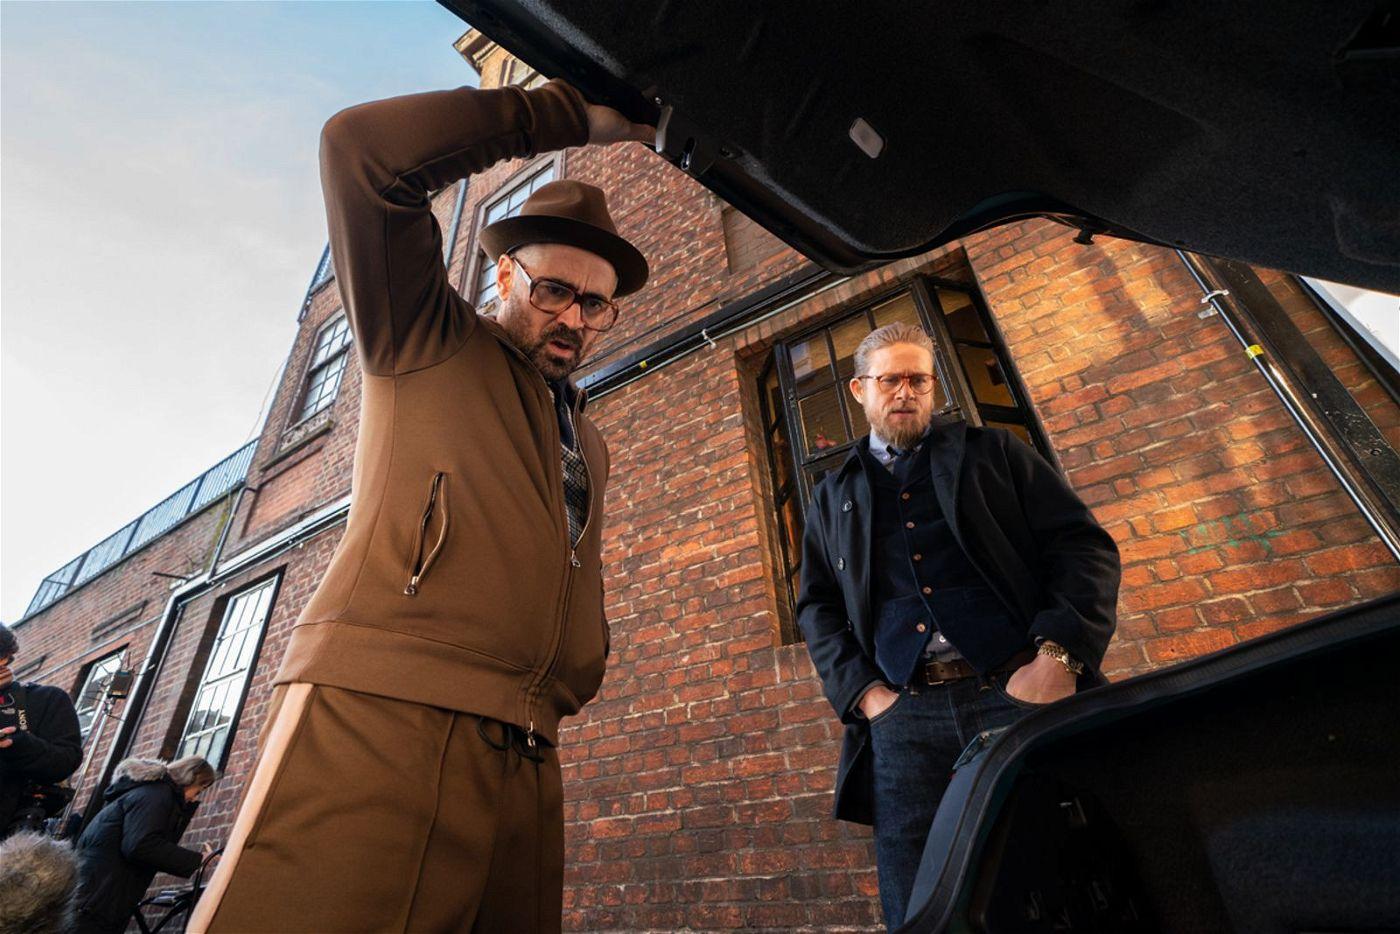 Der Coach (Colin Farrell, links) hat für Ray (Charlie Hunnam) ein ganz besonderes Geschenk im Kofferraum.